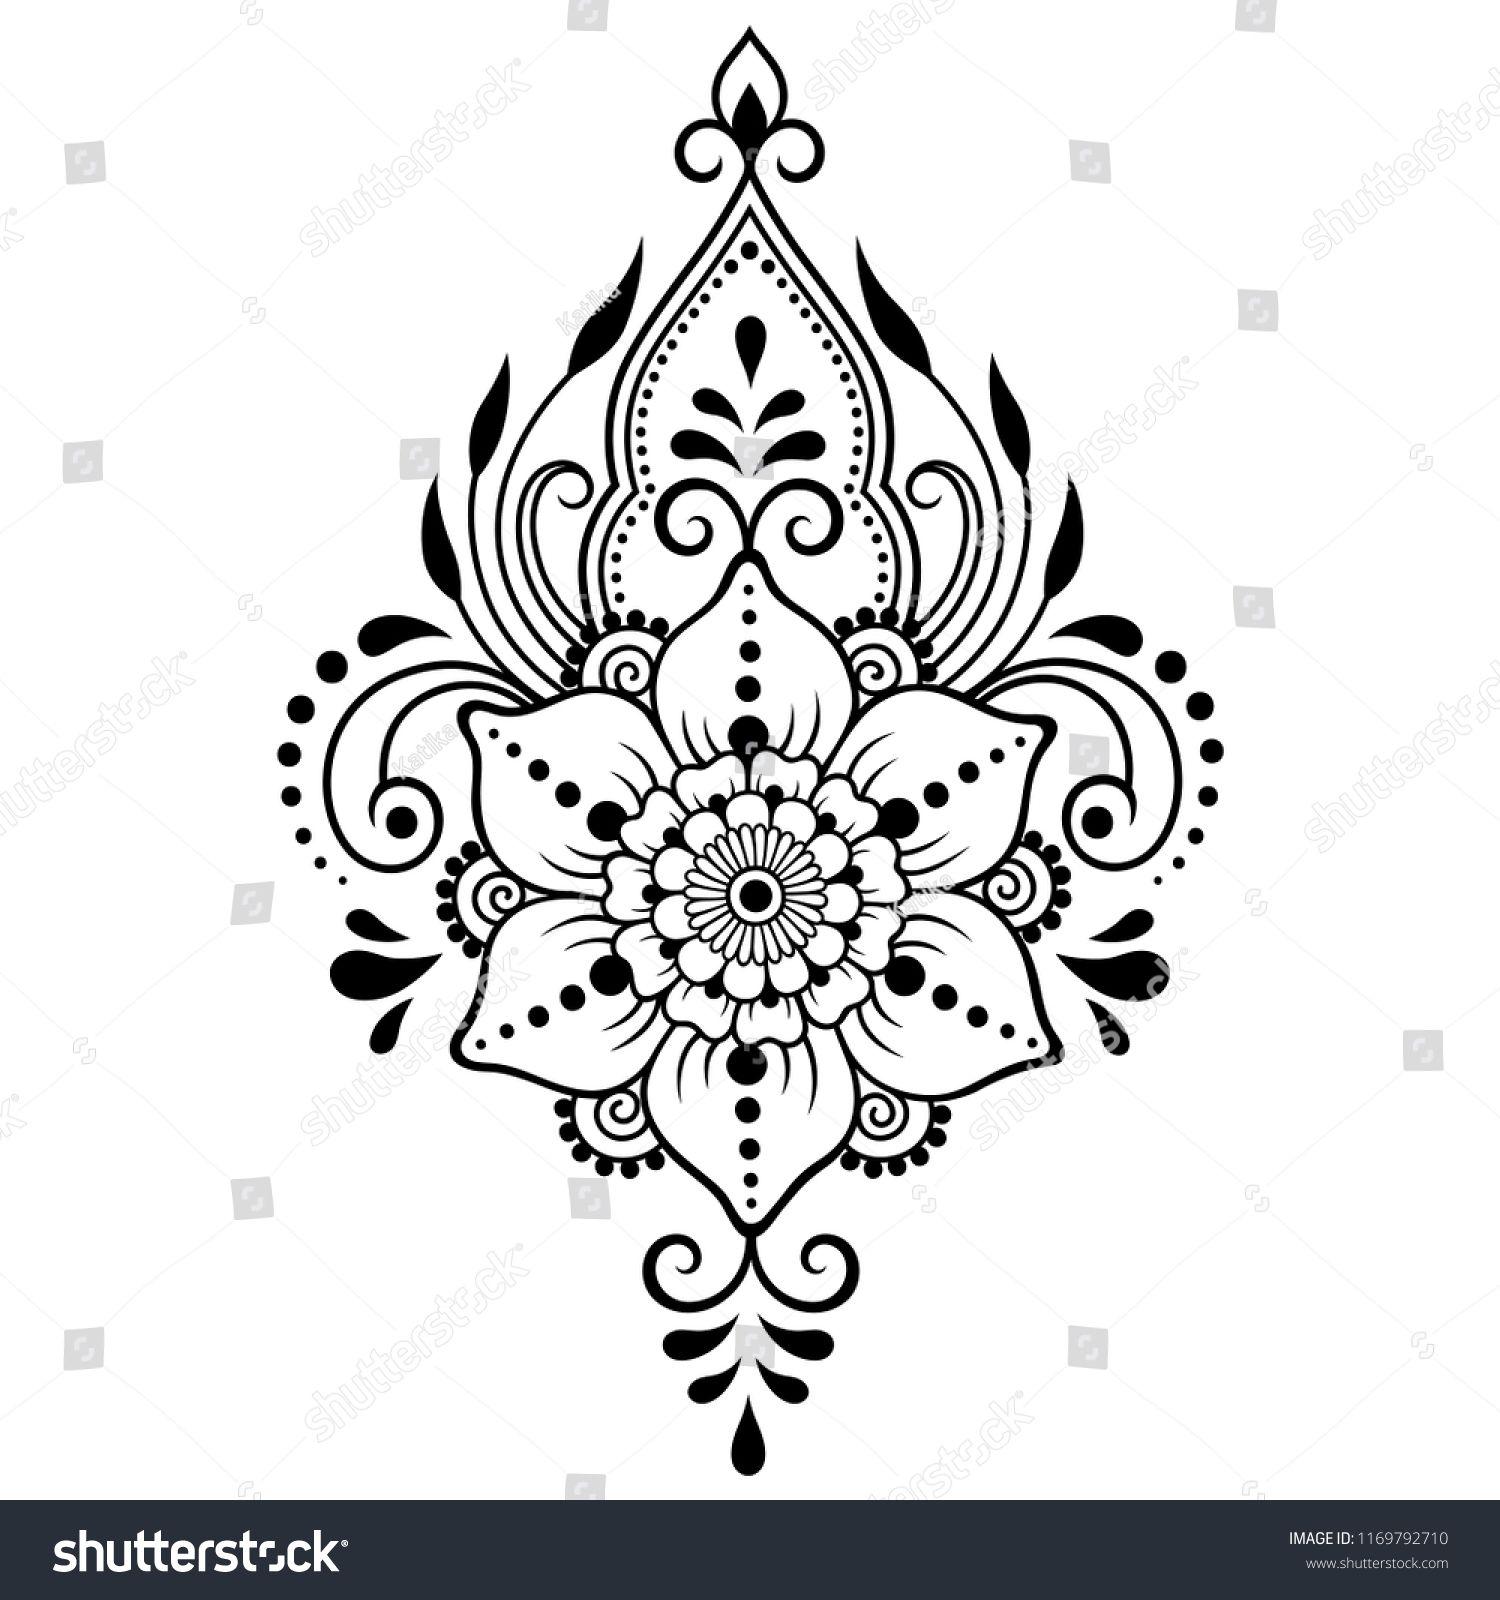 Стоковая векторная графика «Mehndi Flower Pattern Henna Drawing Tattoo» (без лицензионных платежей), 1169792710